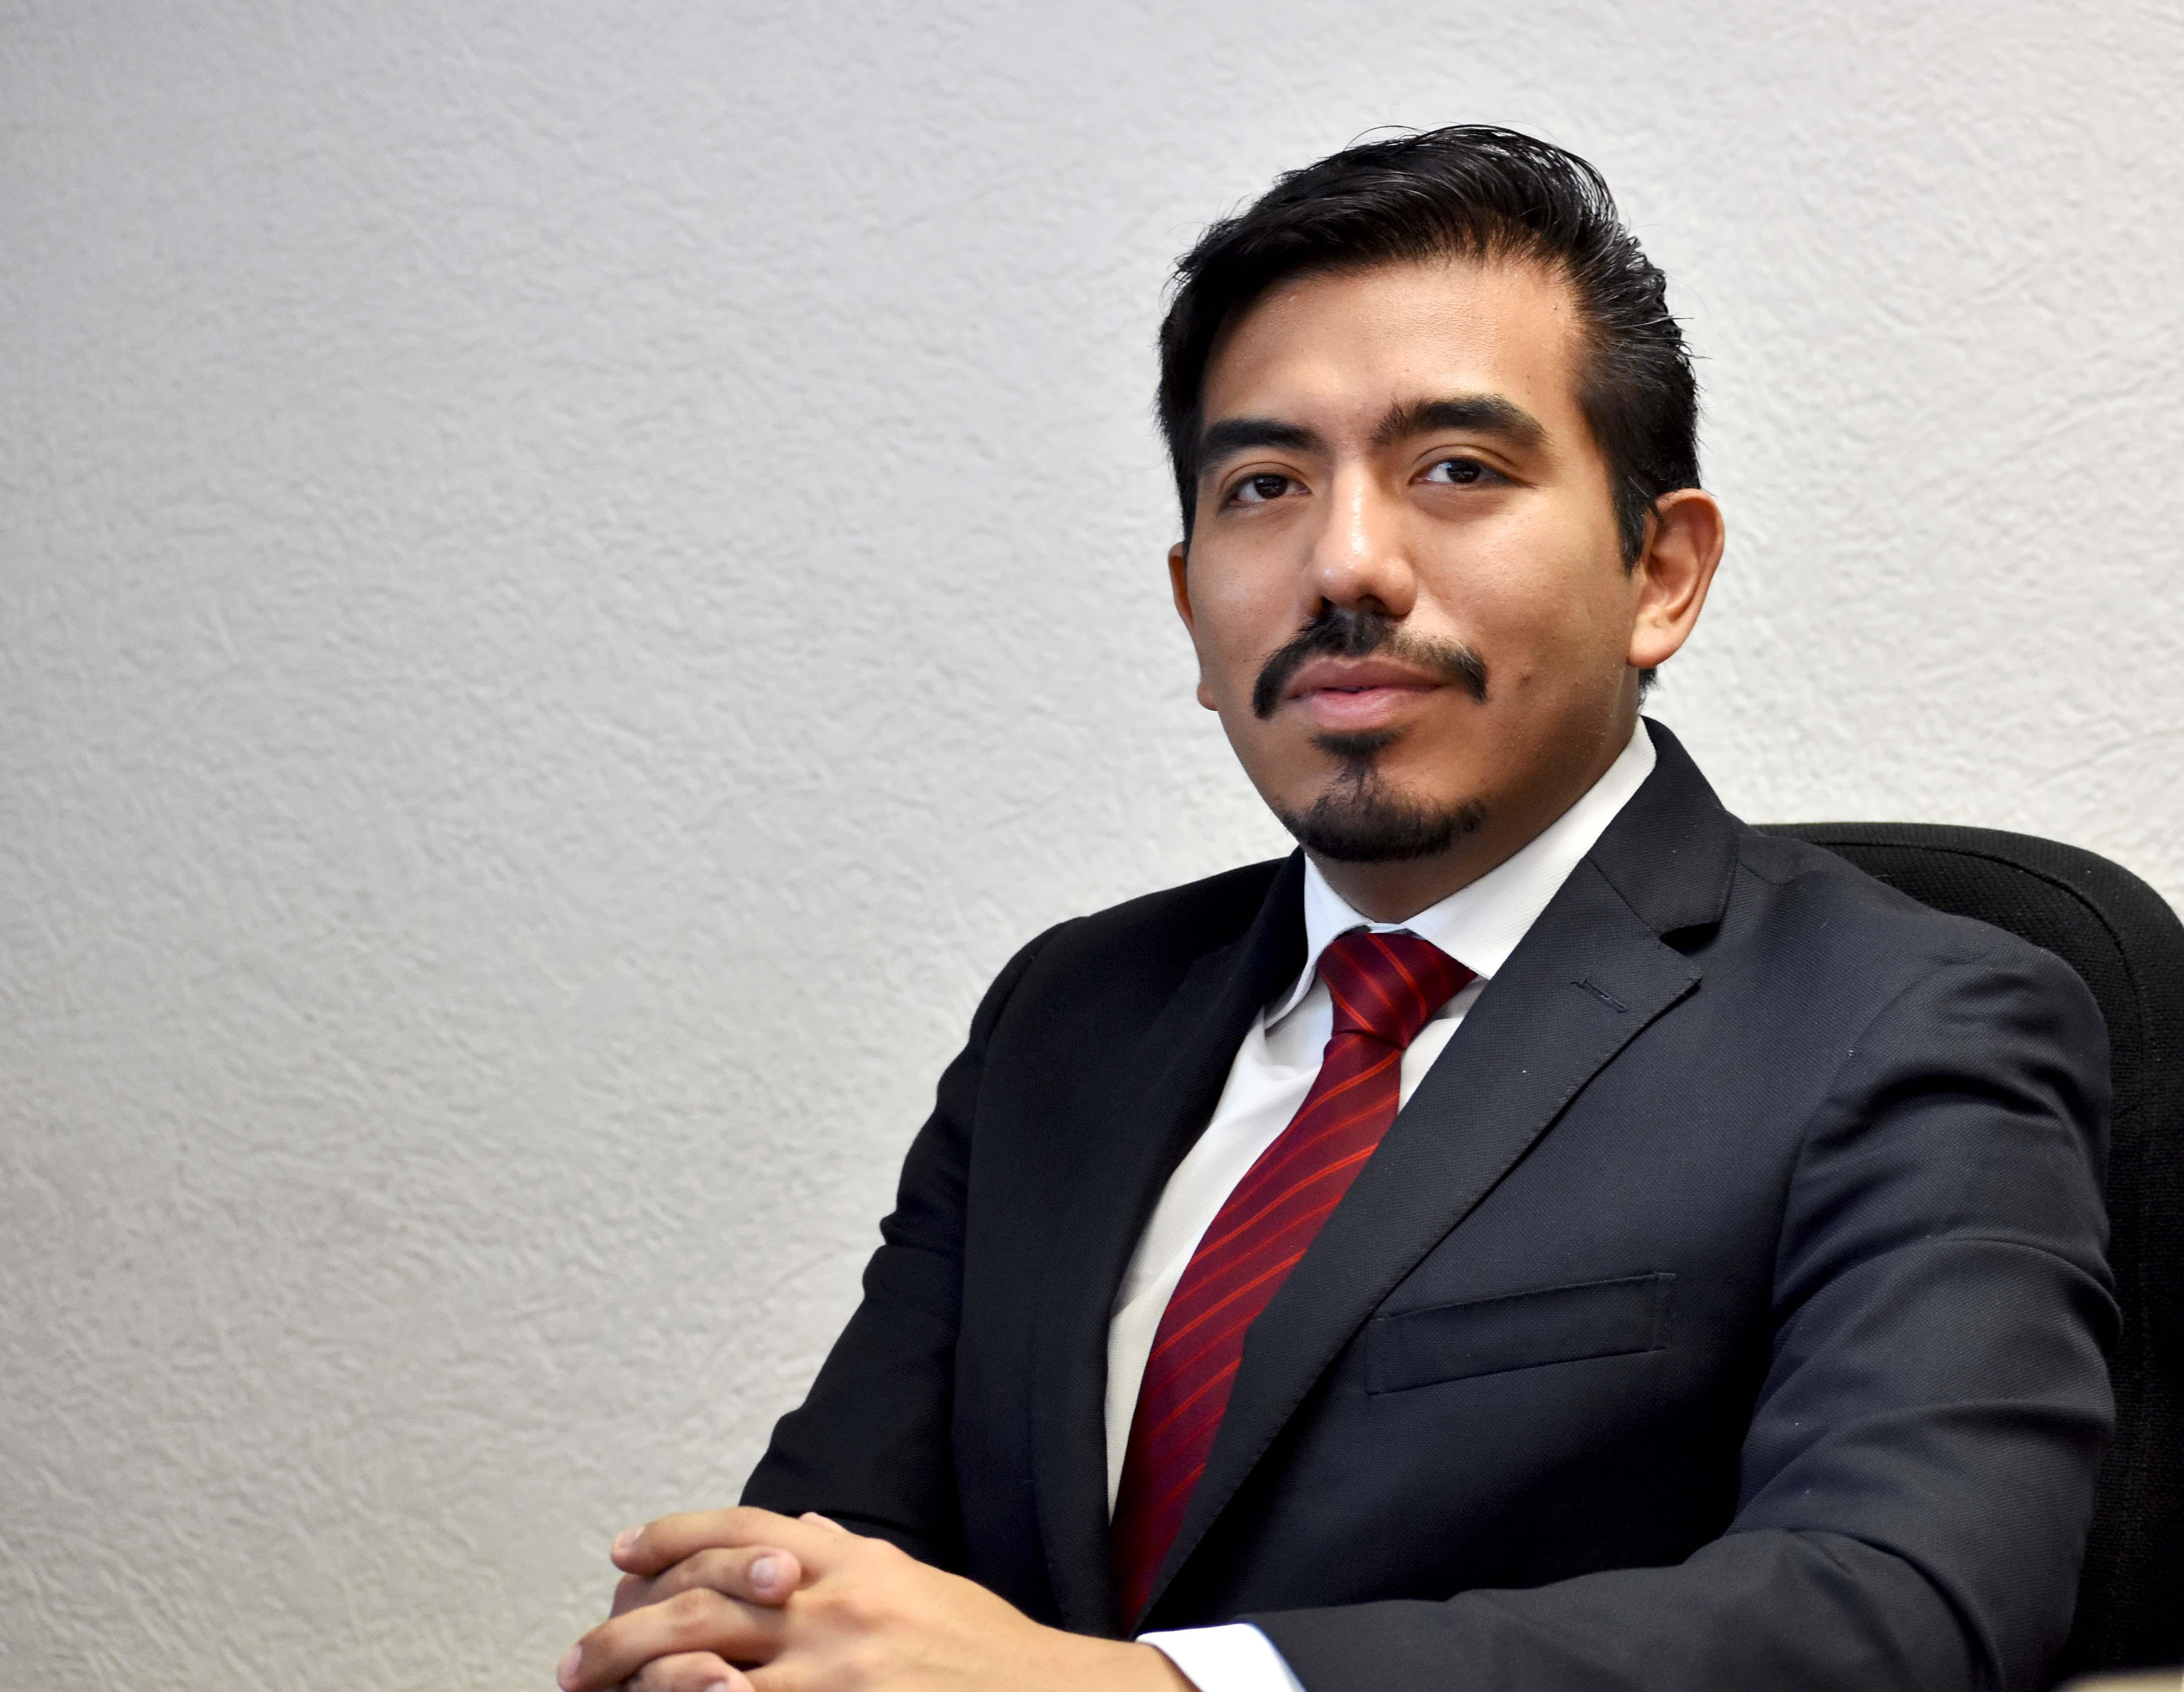 Titular de la Unidad de Análisis Económico de la Secretaría de Salud.